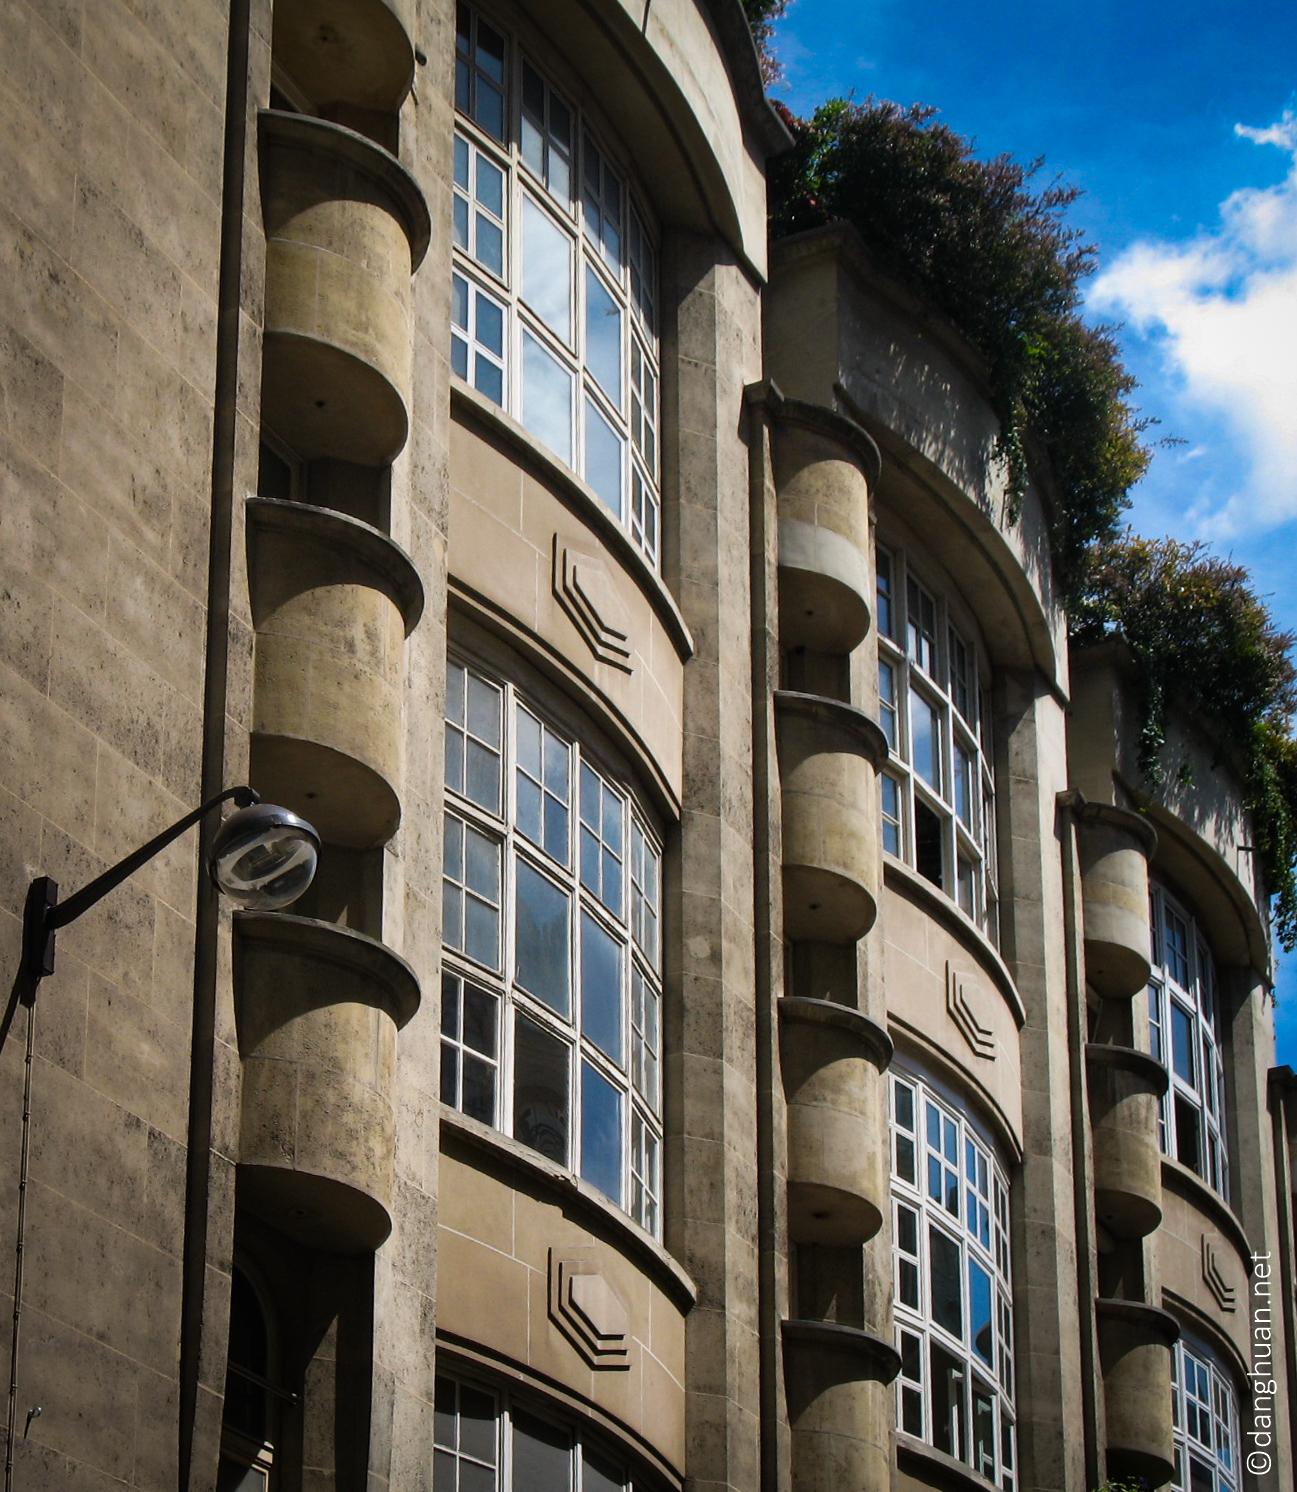 Architectes : Chavarel et Mélendès - Rue des belles feuilles - 1930